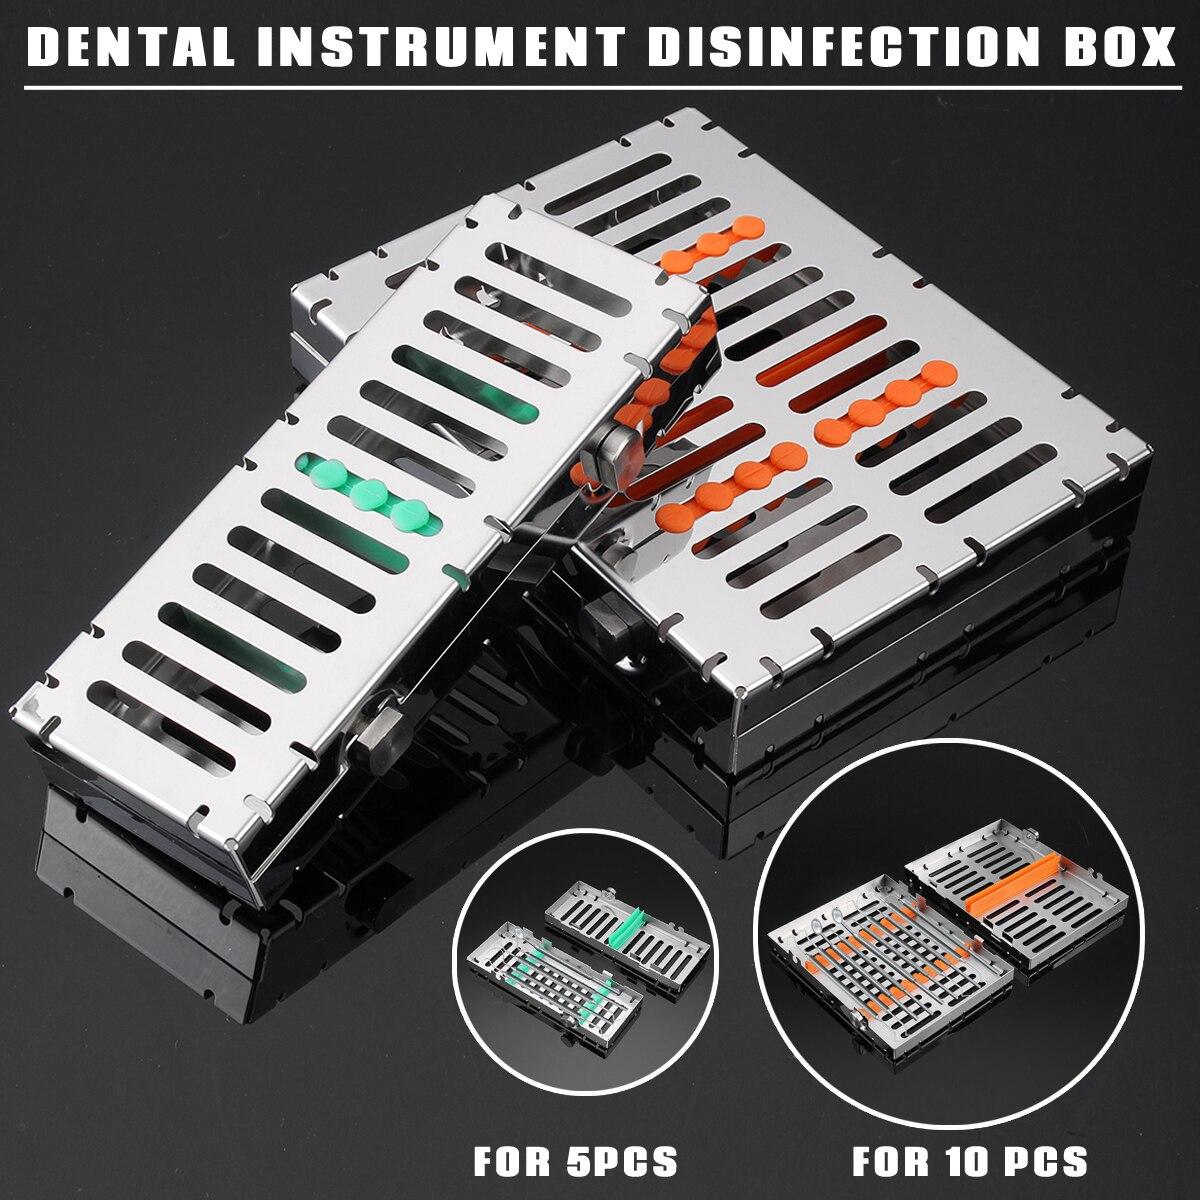 Dental esterilización Autoclave bandeja de casete caja estante de enlace instrumento clínica desinfección soporte para 5/10 piezas quirúrgico